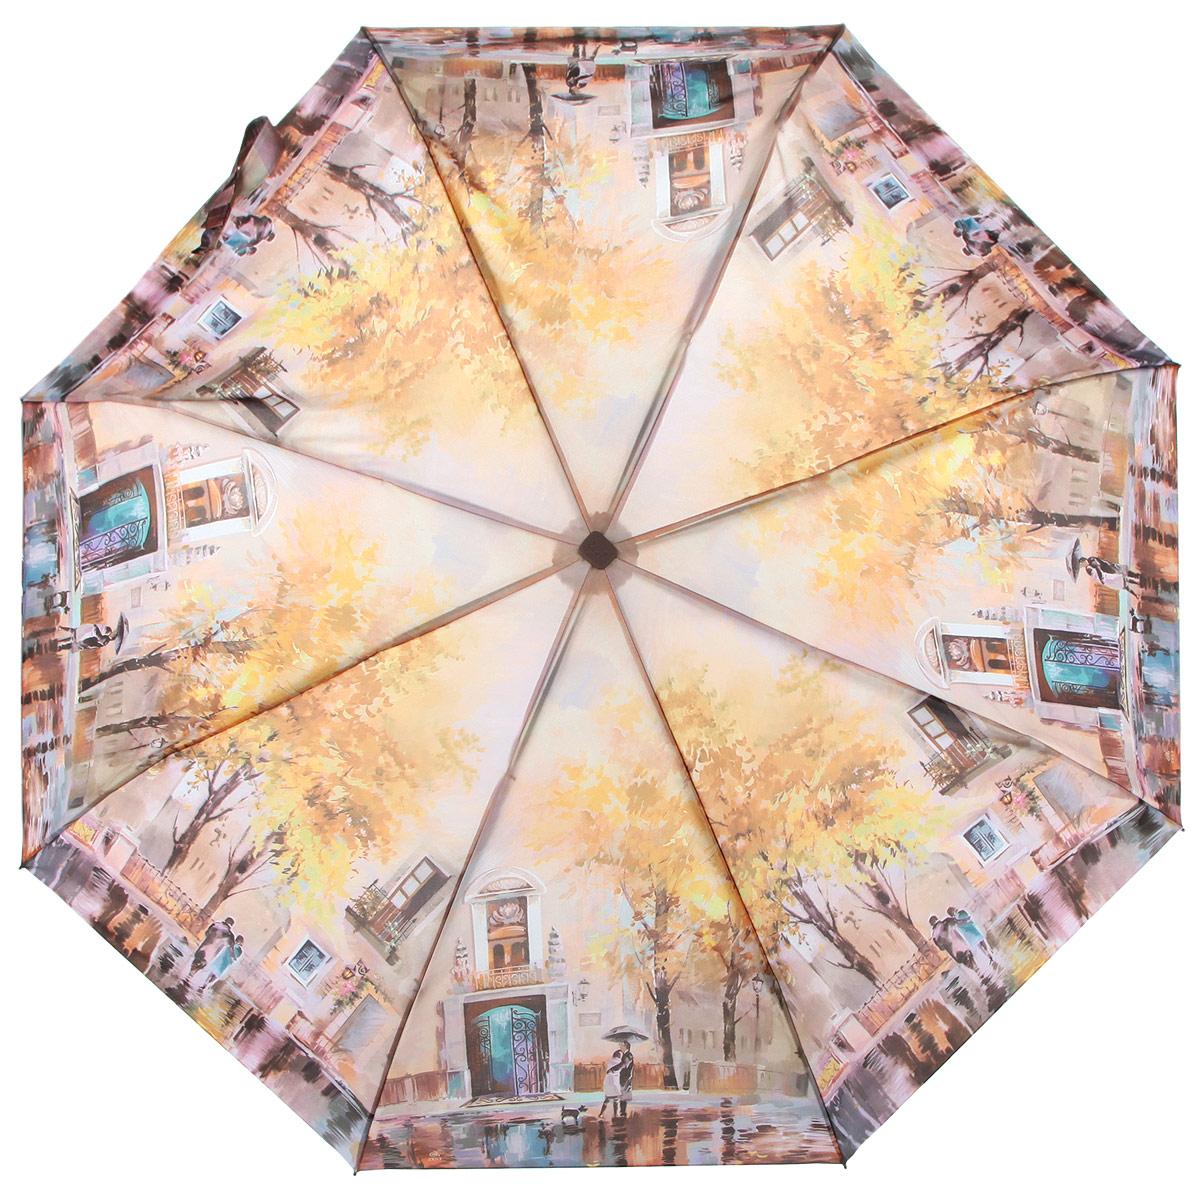 Зонт женский Zest, цвет: мультицвет. 23815-906723815-9067Компактный женский зонт ZEST выполнен из металла, пластика и оформлен ярким принтом. Каркас зонта выполнен из восьми спиц, стержень из стали. На концах спиц предусмотрены металлические элементы, которые защитят владельца от травм. Купол зонта изготовлен прочного полиэстера. Закрытый купол застегивается на липучку хлястиком. Практичная рукоятка закругленной формы разработана с учетом требований эргономики и выполнена из пластика. Зонт полностью автоматический. Такой зонт не только надежно защитит от дождя, но и станет стильным аксессуаром.